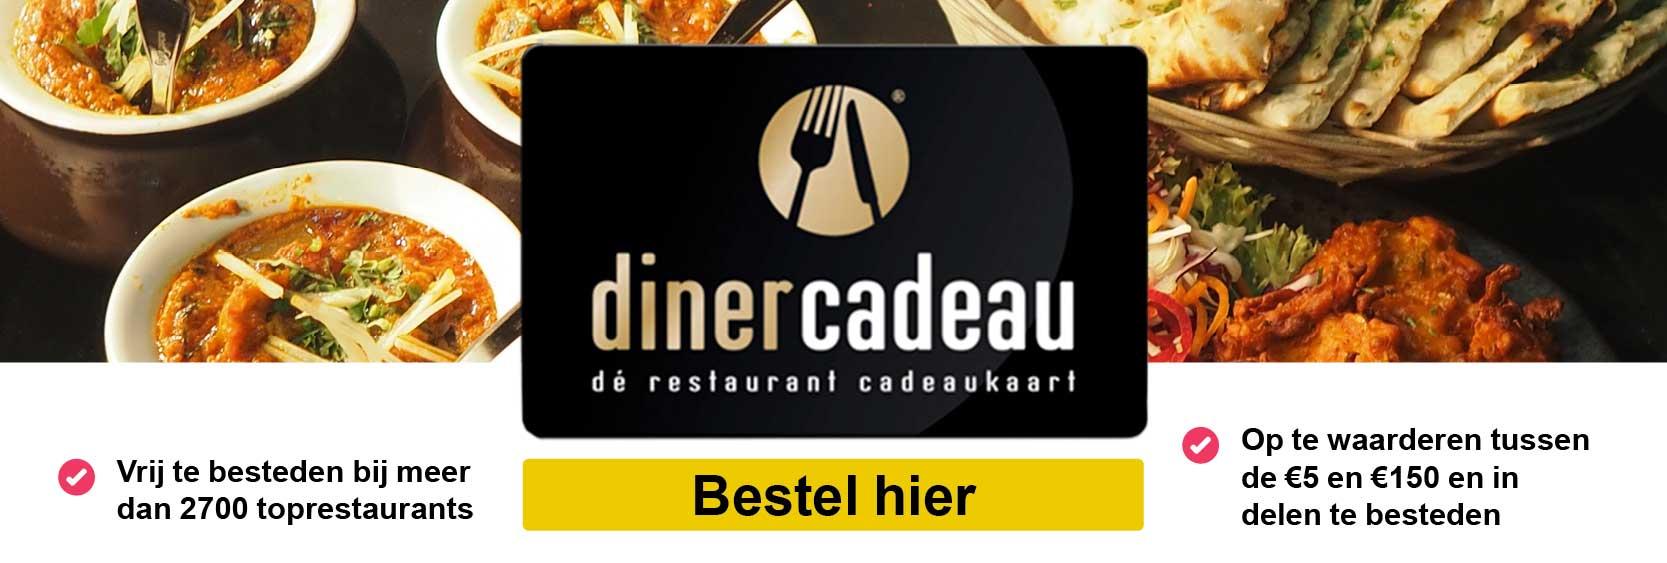 Online Een Dinerbon Of Dinercadeaukaart Kopen Dinercheque